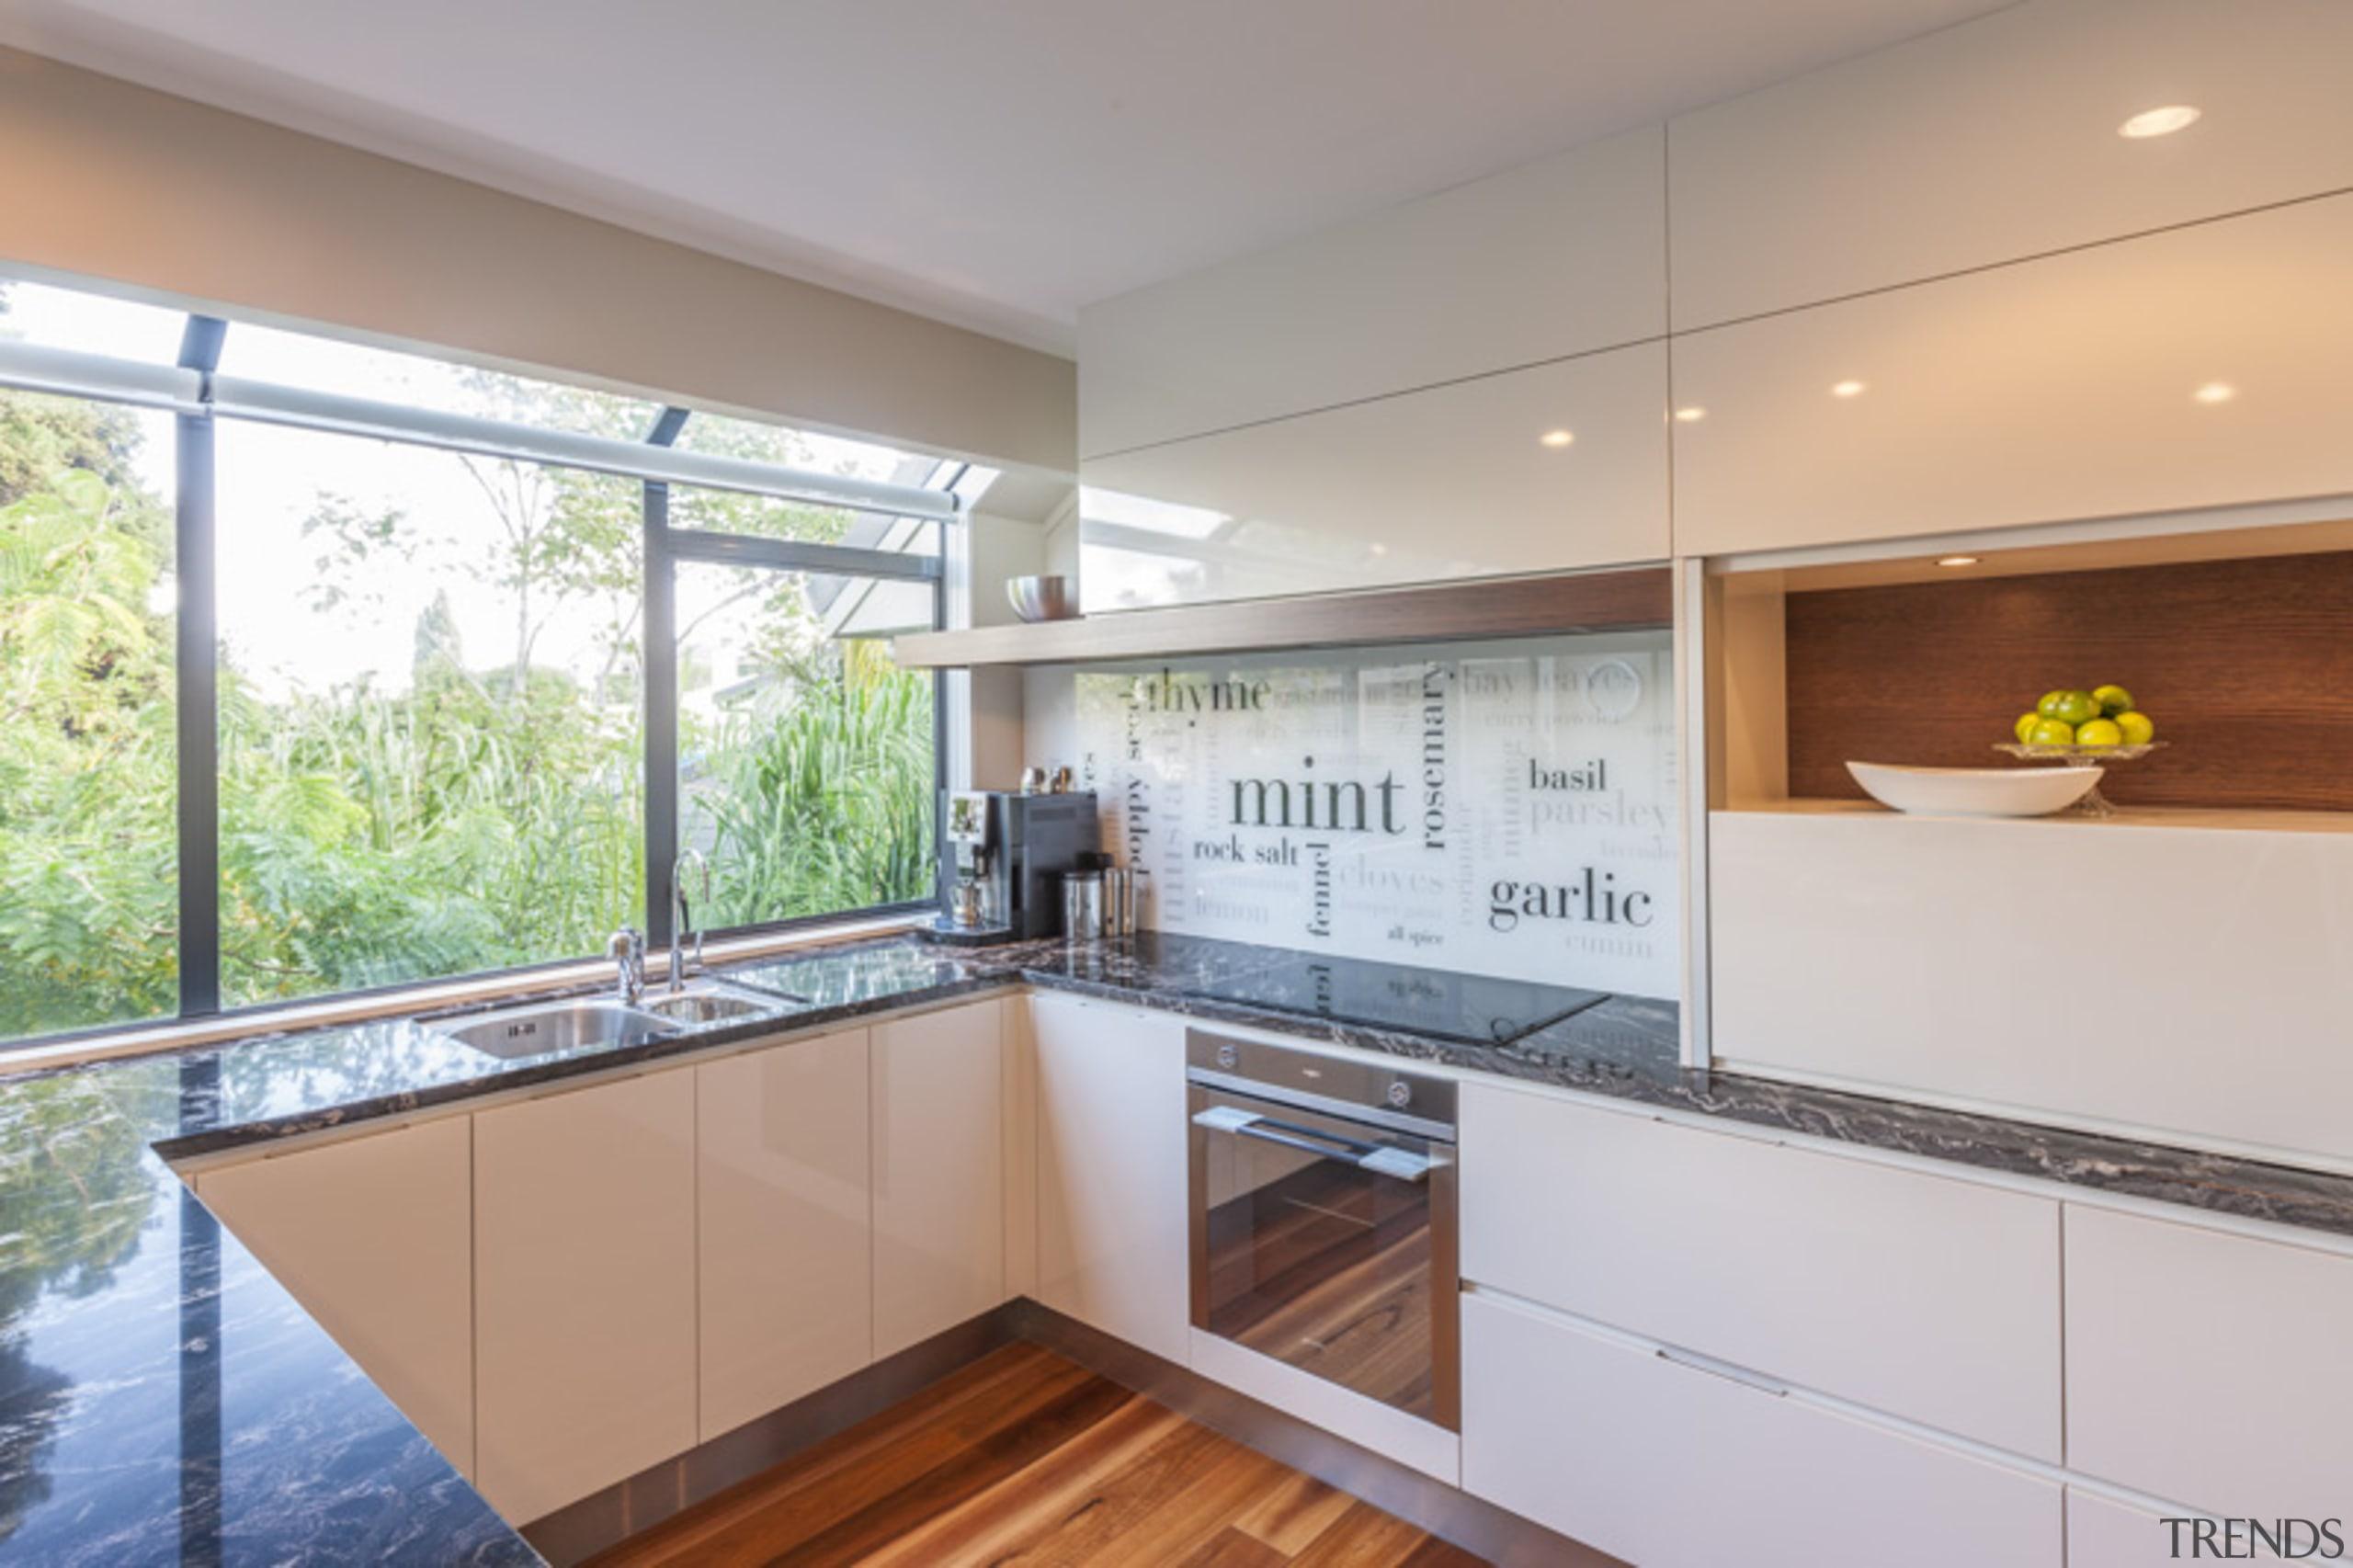 St. Heliers II - countertop   interior design countertop, interior design, kitchen, property, real estate, gray